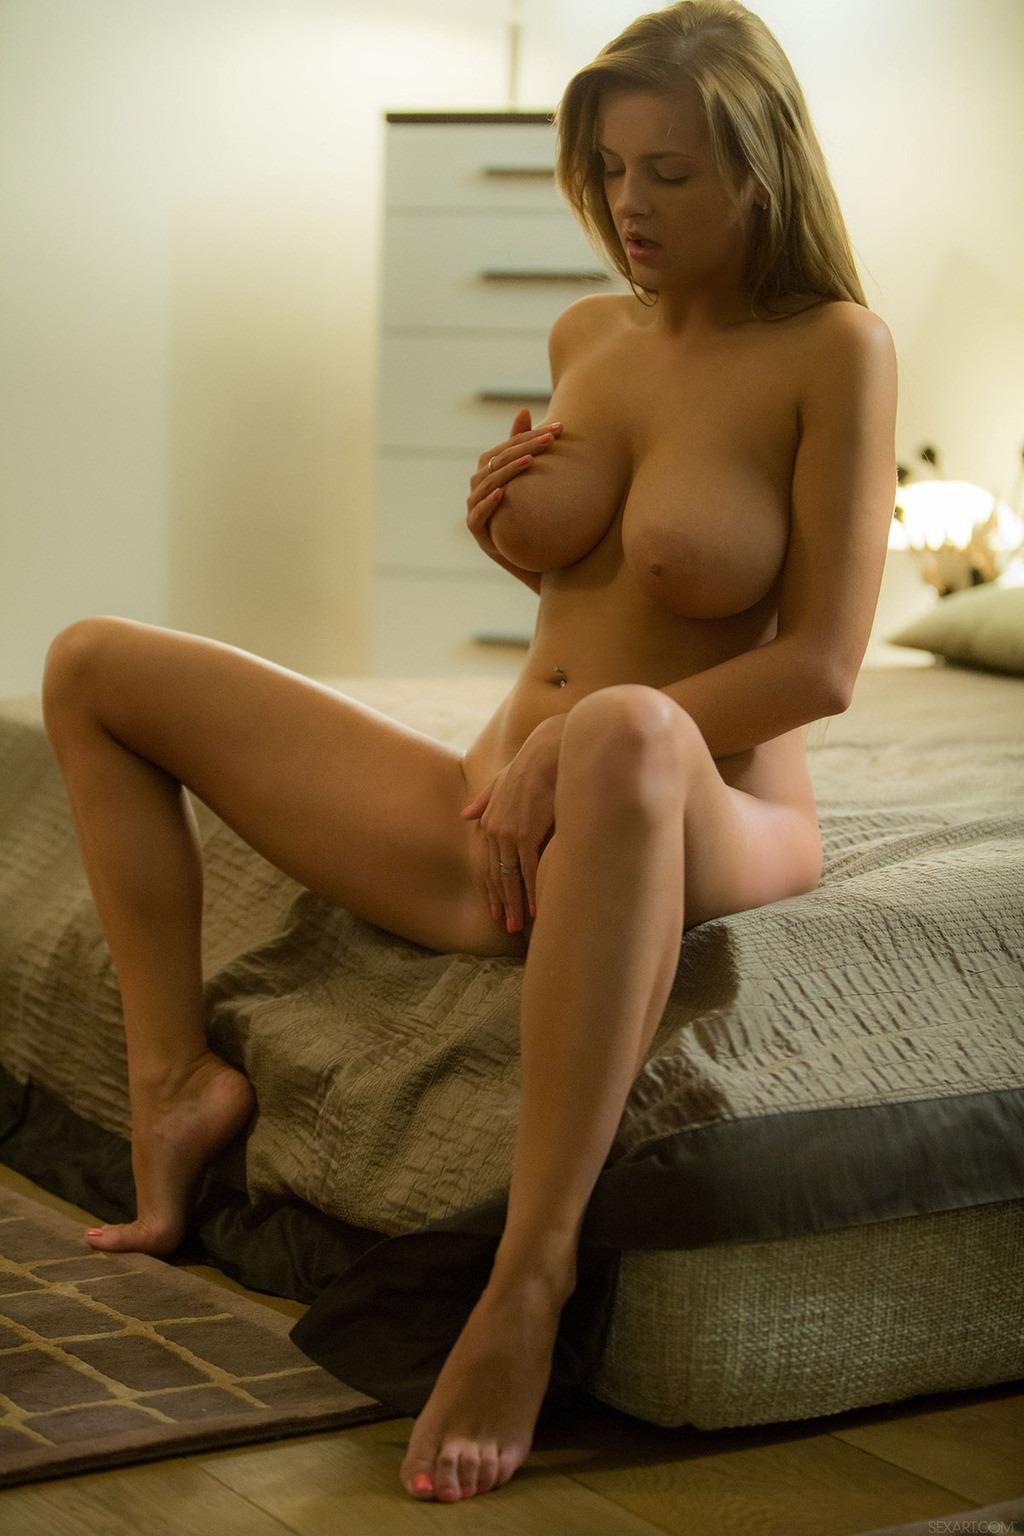 Американские мамки показывают большие буфера на камеру секс фото и порно фото